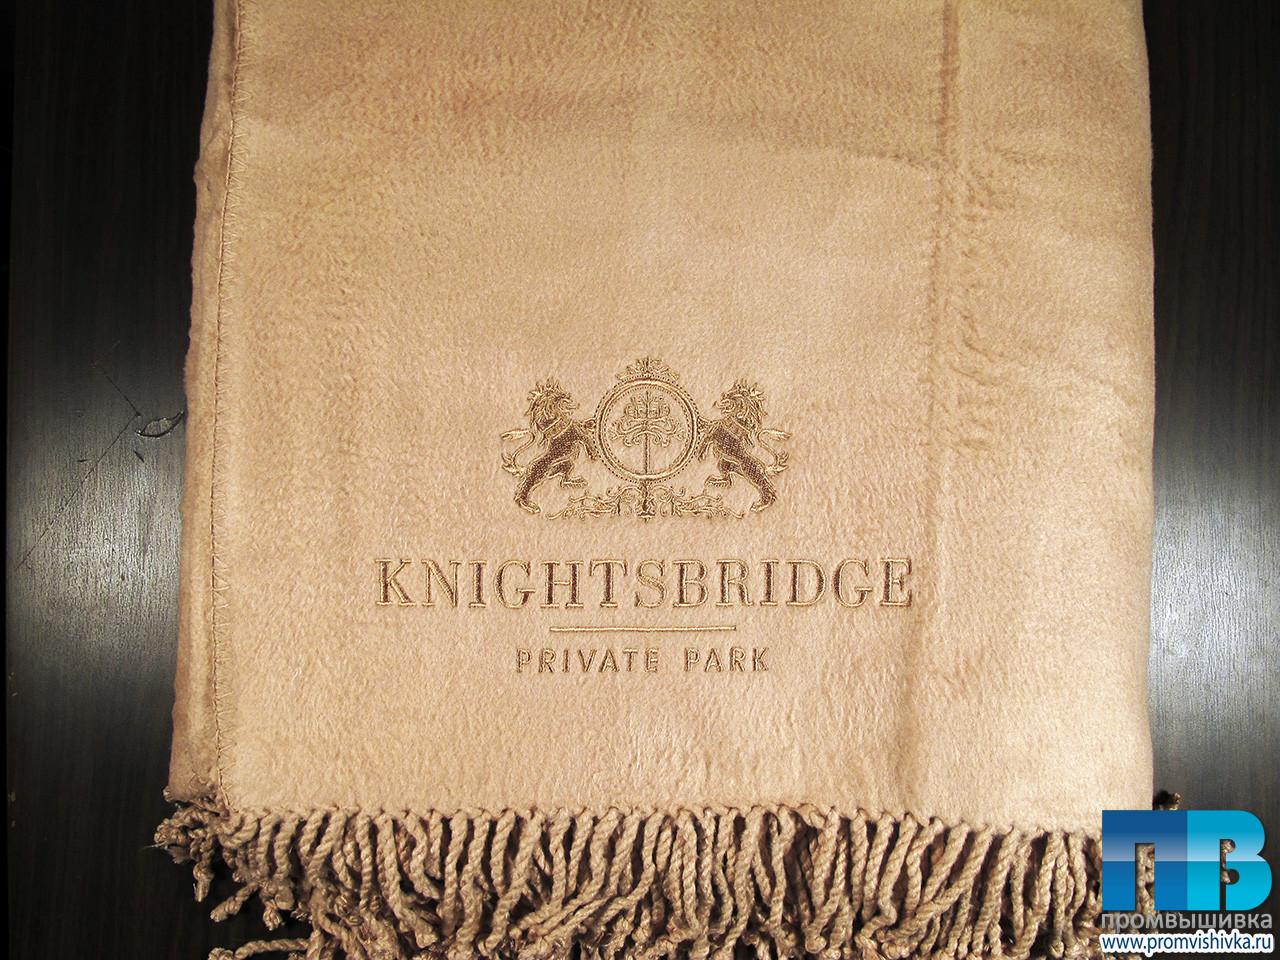 Купить в самаре пуховое одеяло